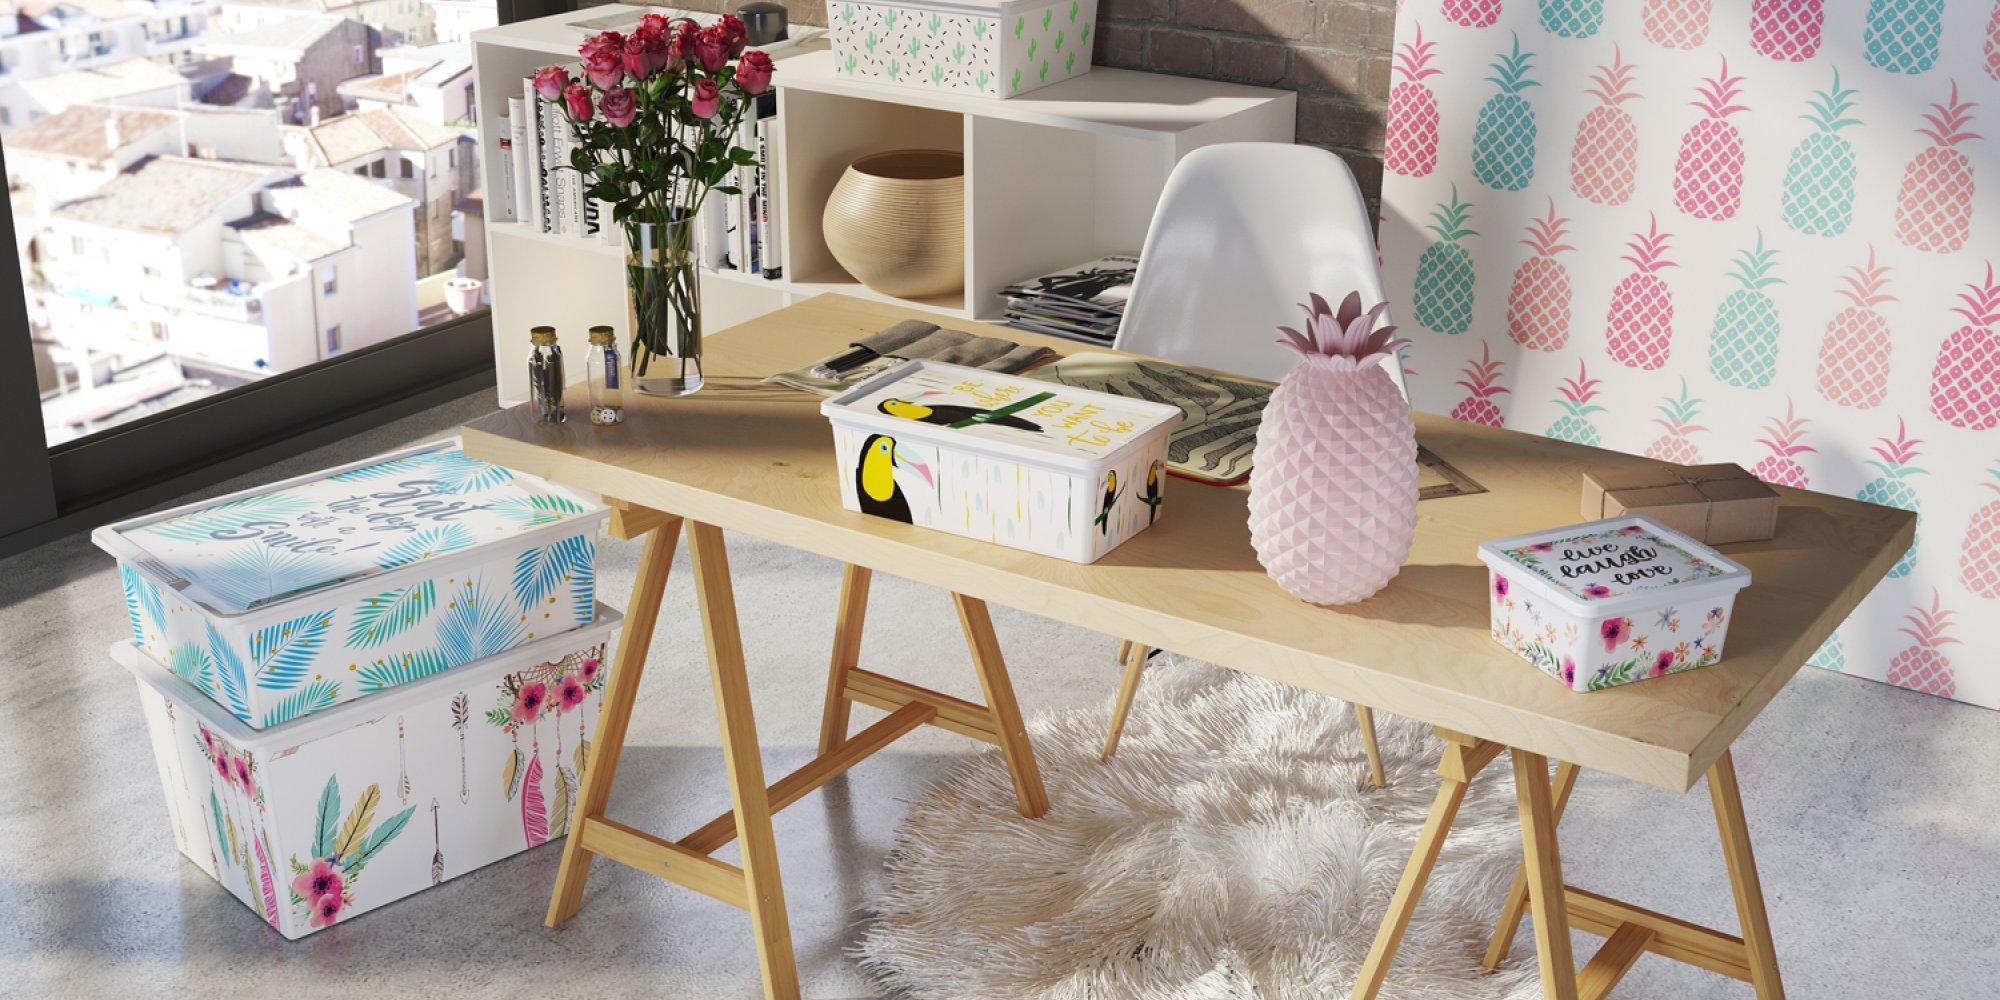 Kis Nuova Collezione C Box Style 2018 | gallery 6